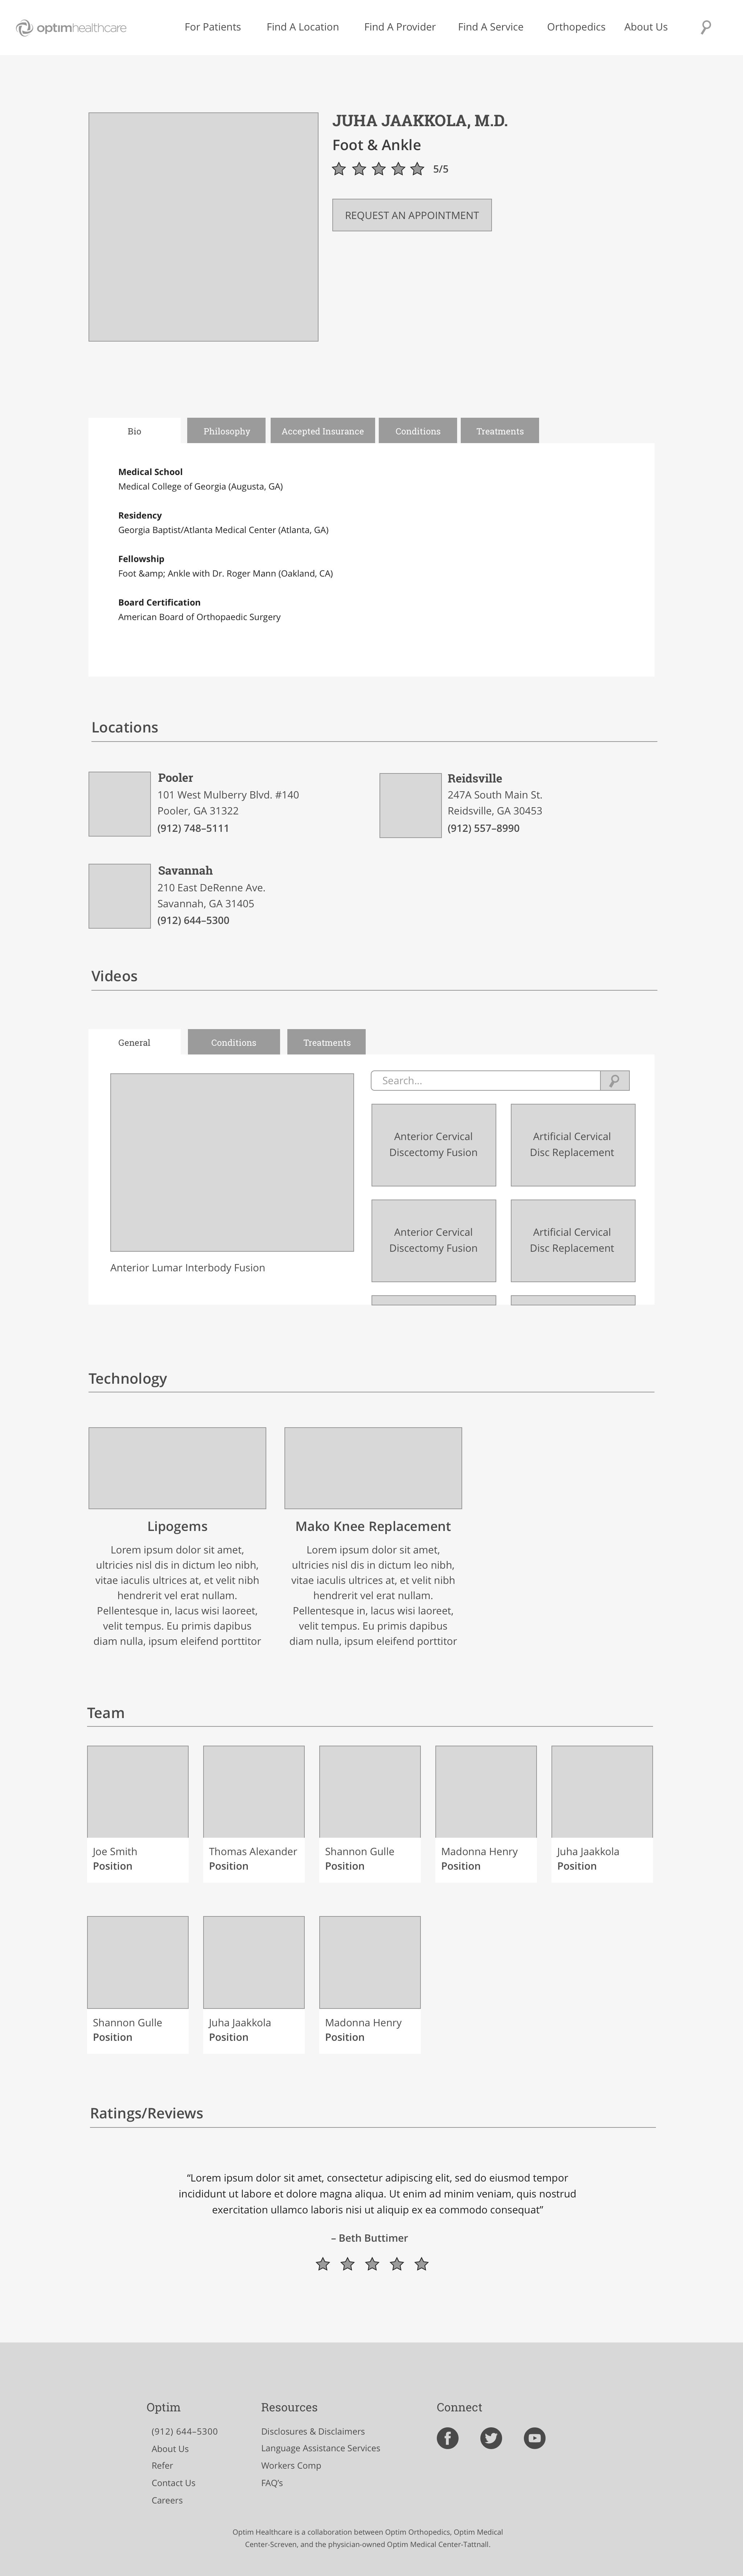 03 Provider Page Desktop 2.png